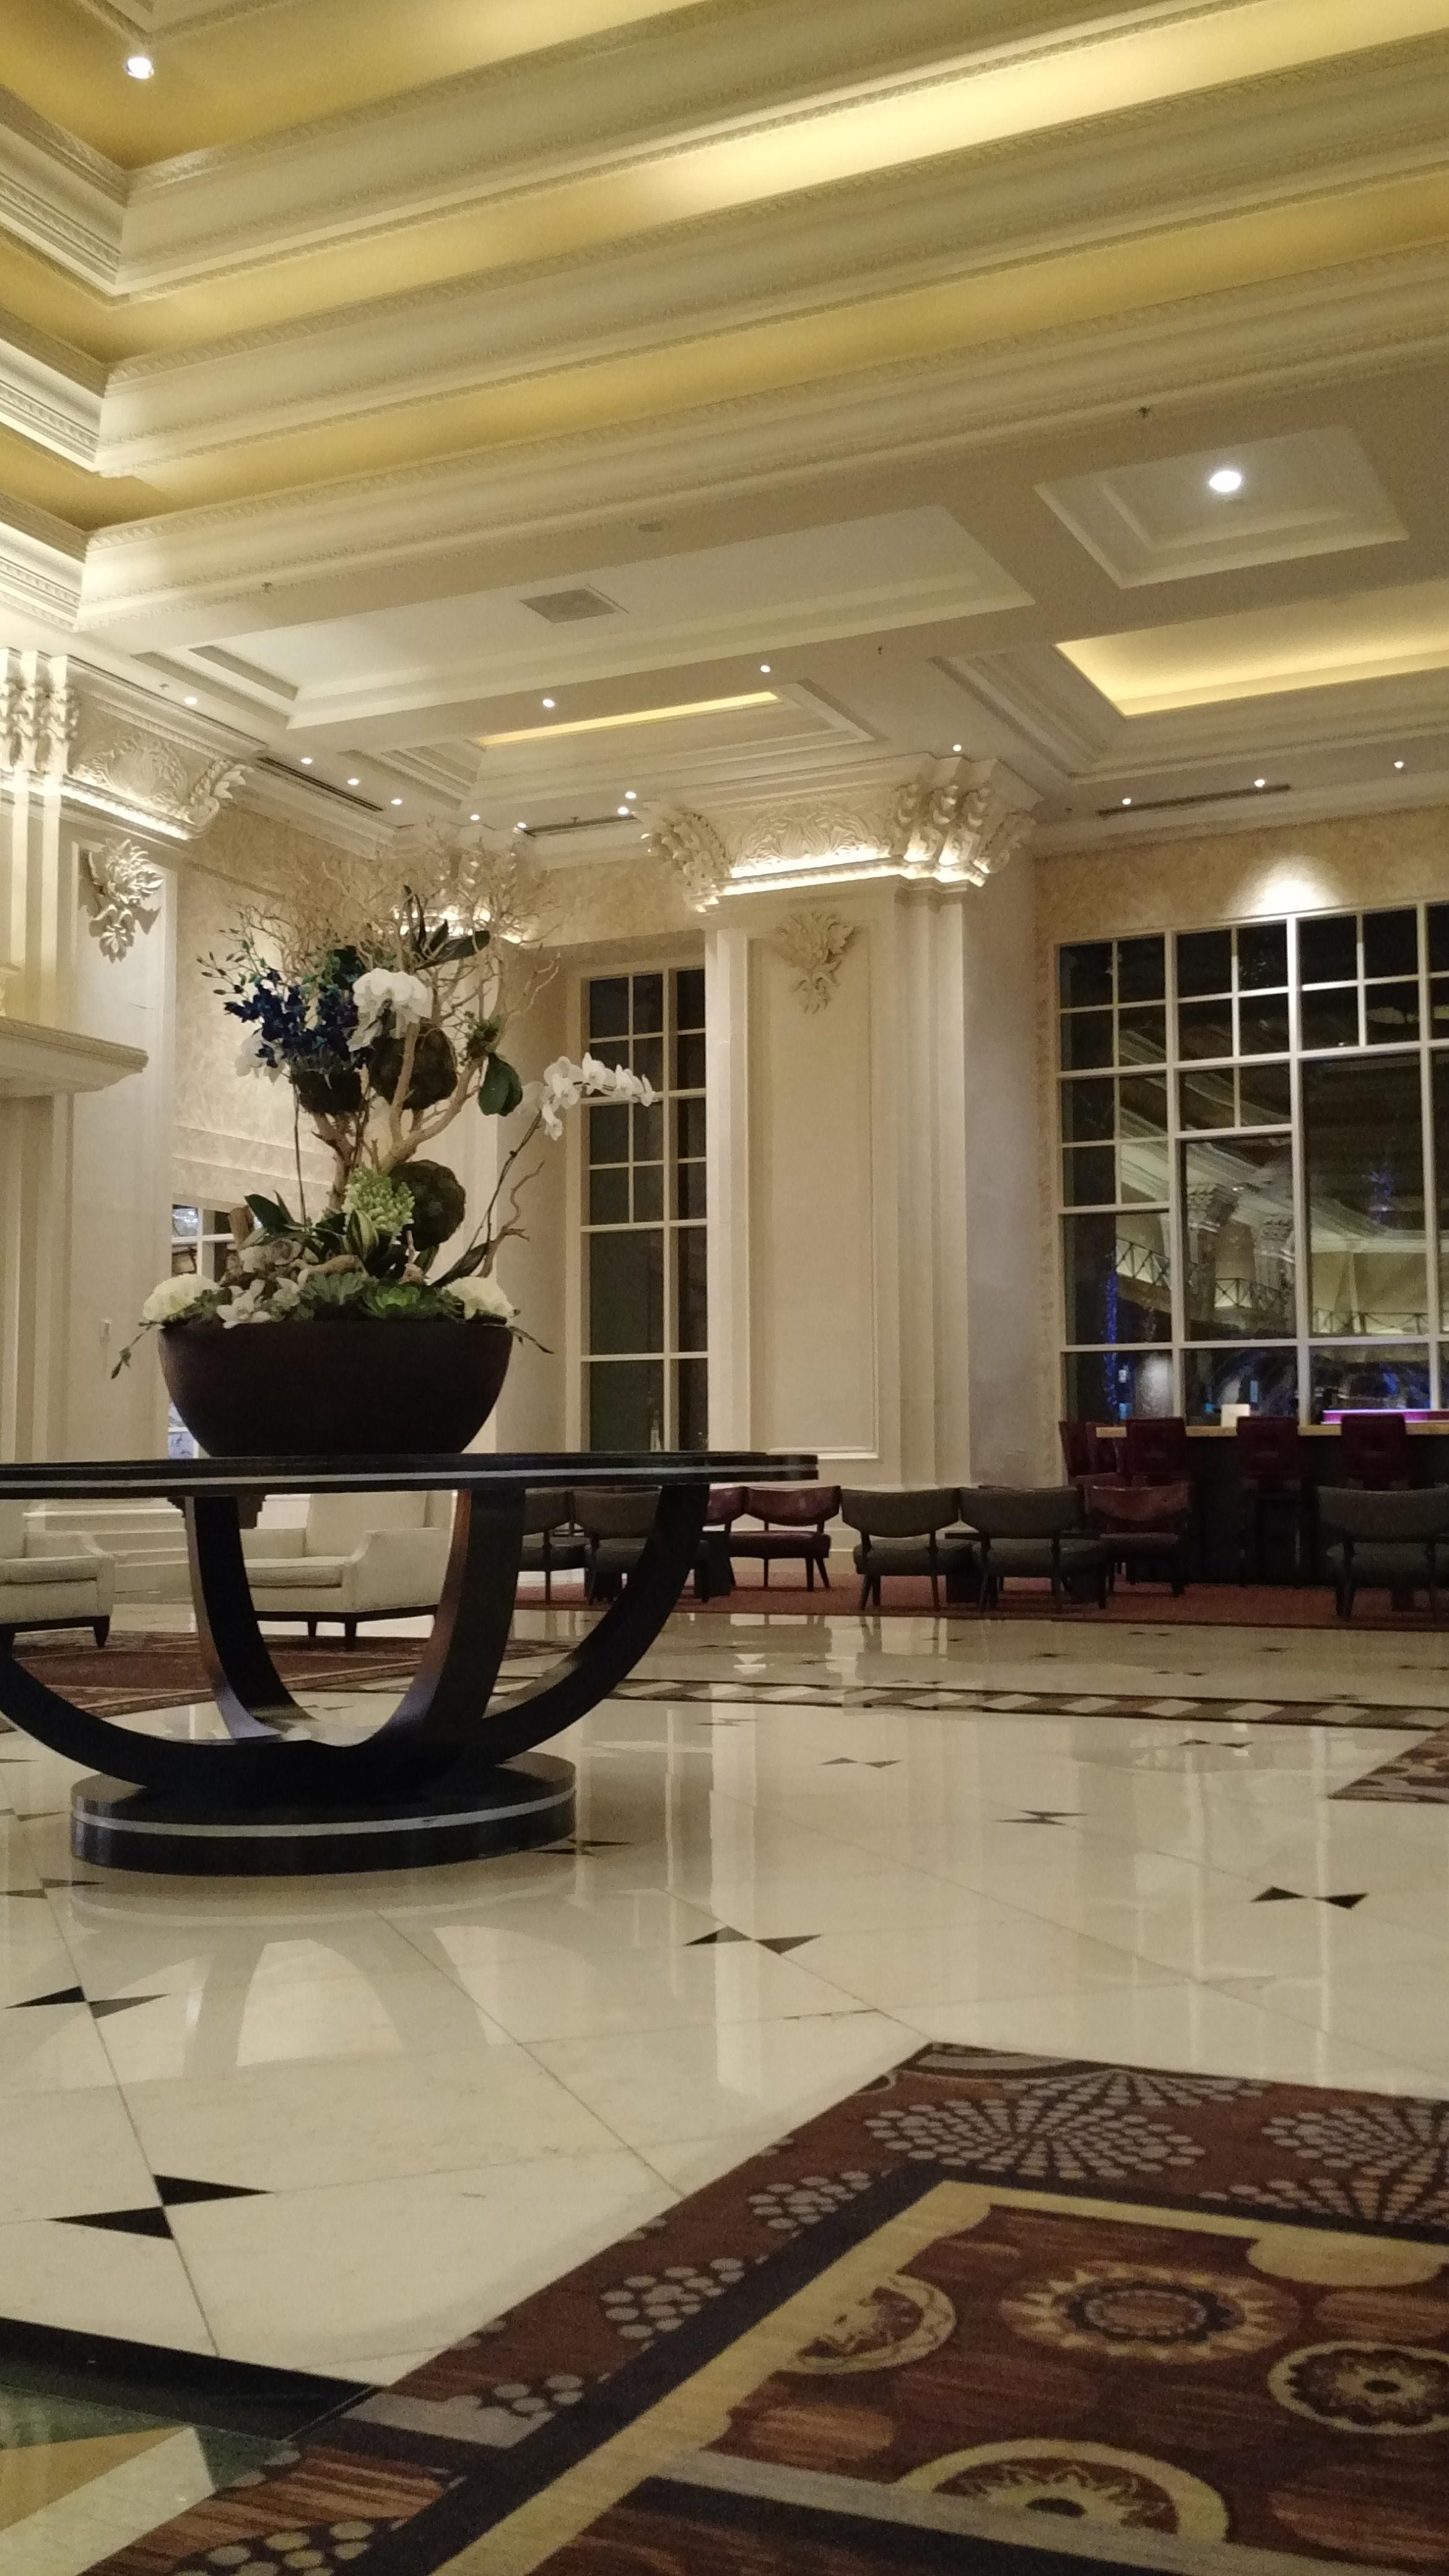 DAY 0 MANDALAY BAY HOTEL LOBBY